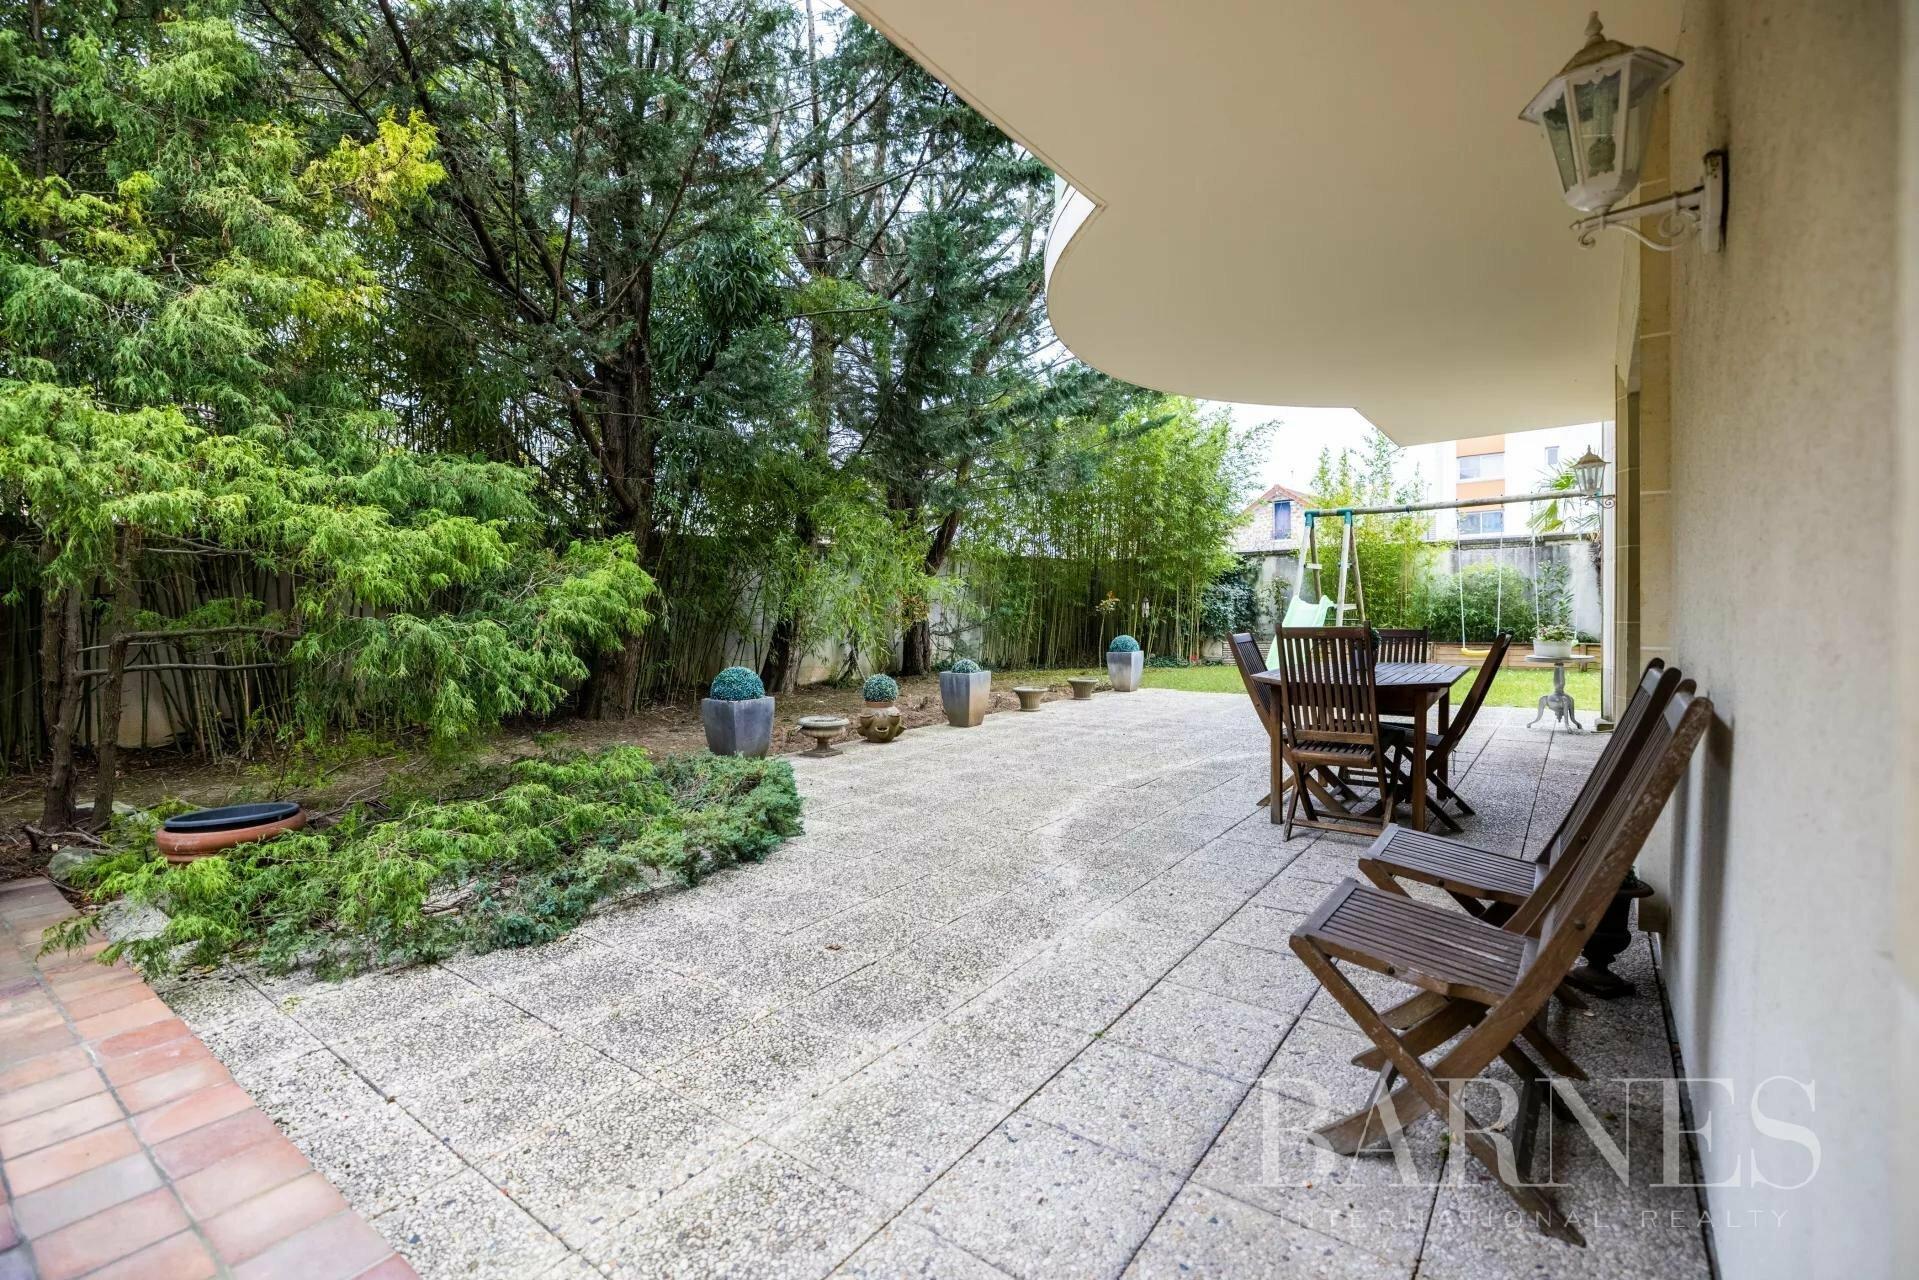 Apartment in Saint-Maur-des-Fossés, Île-de-France, France 1